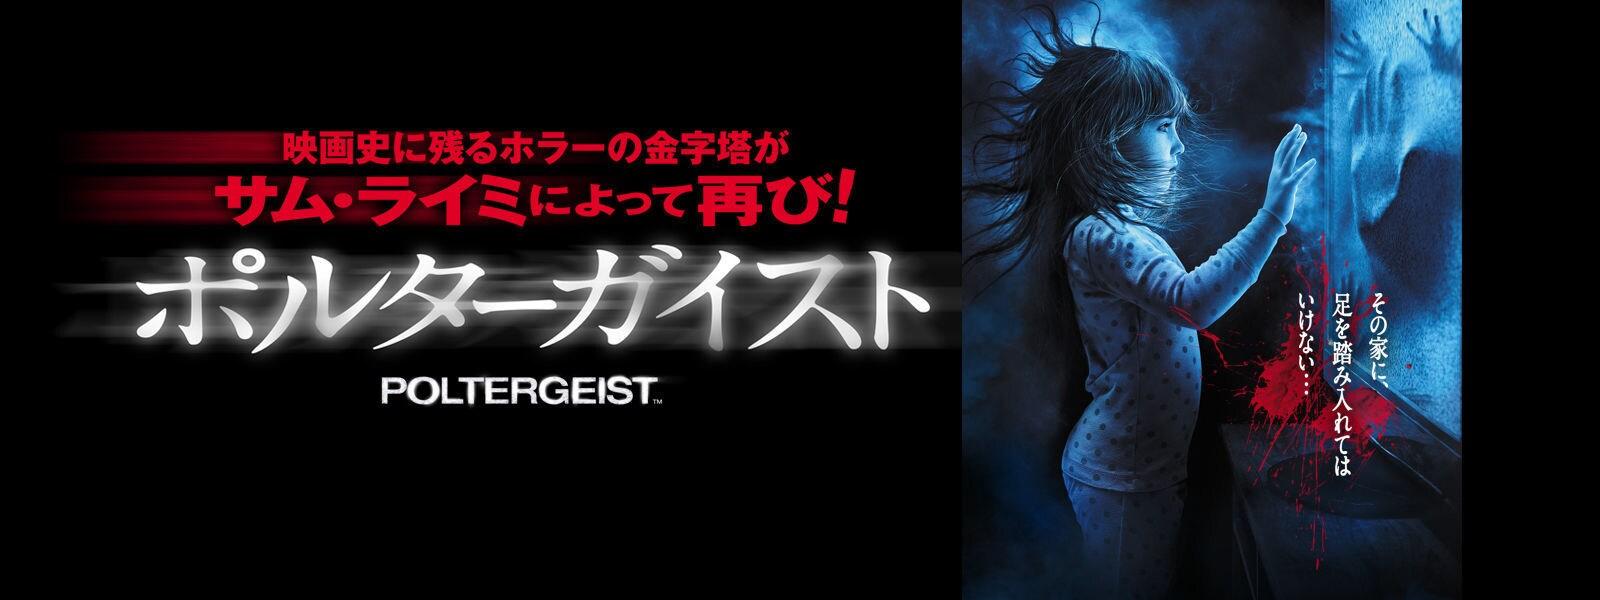 ポルターガイスト|Poltergeist Hero Object